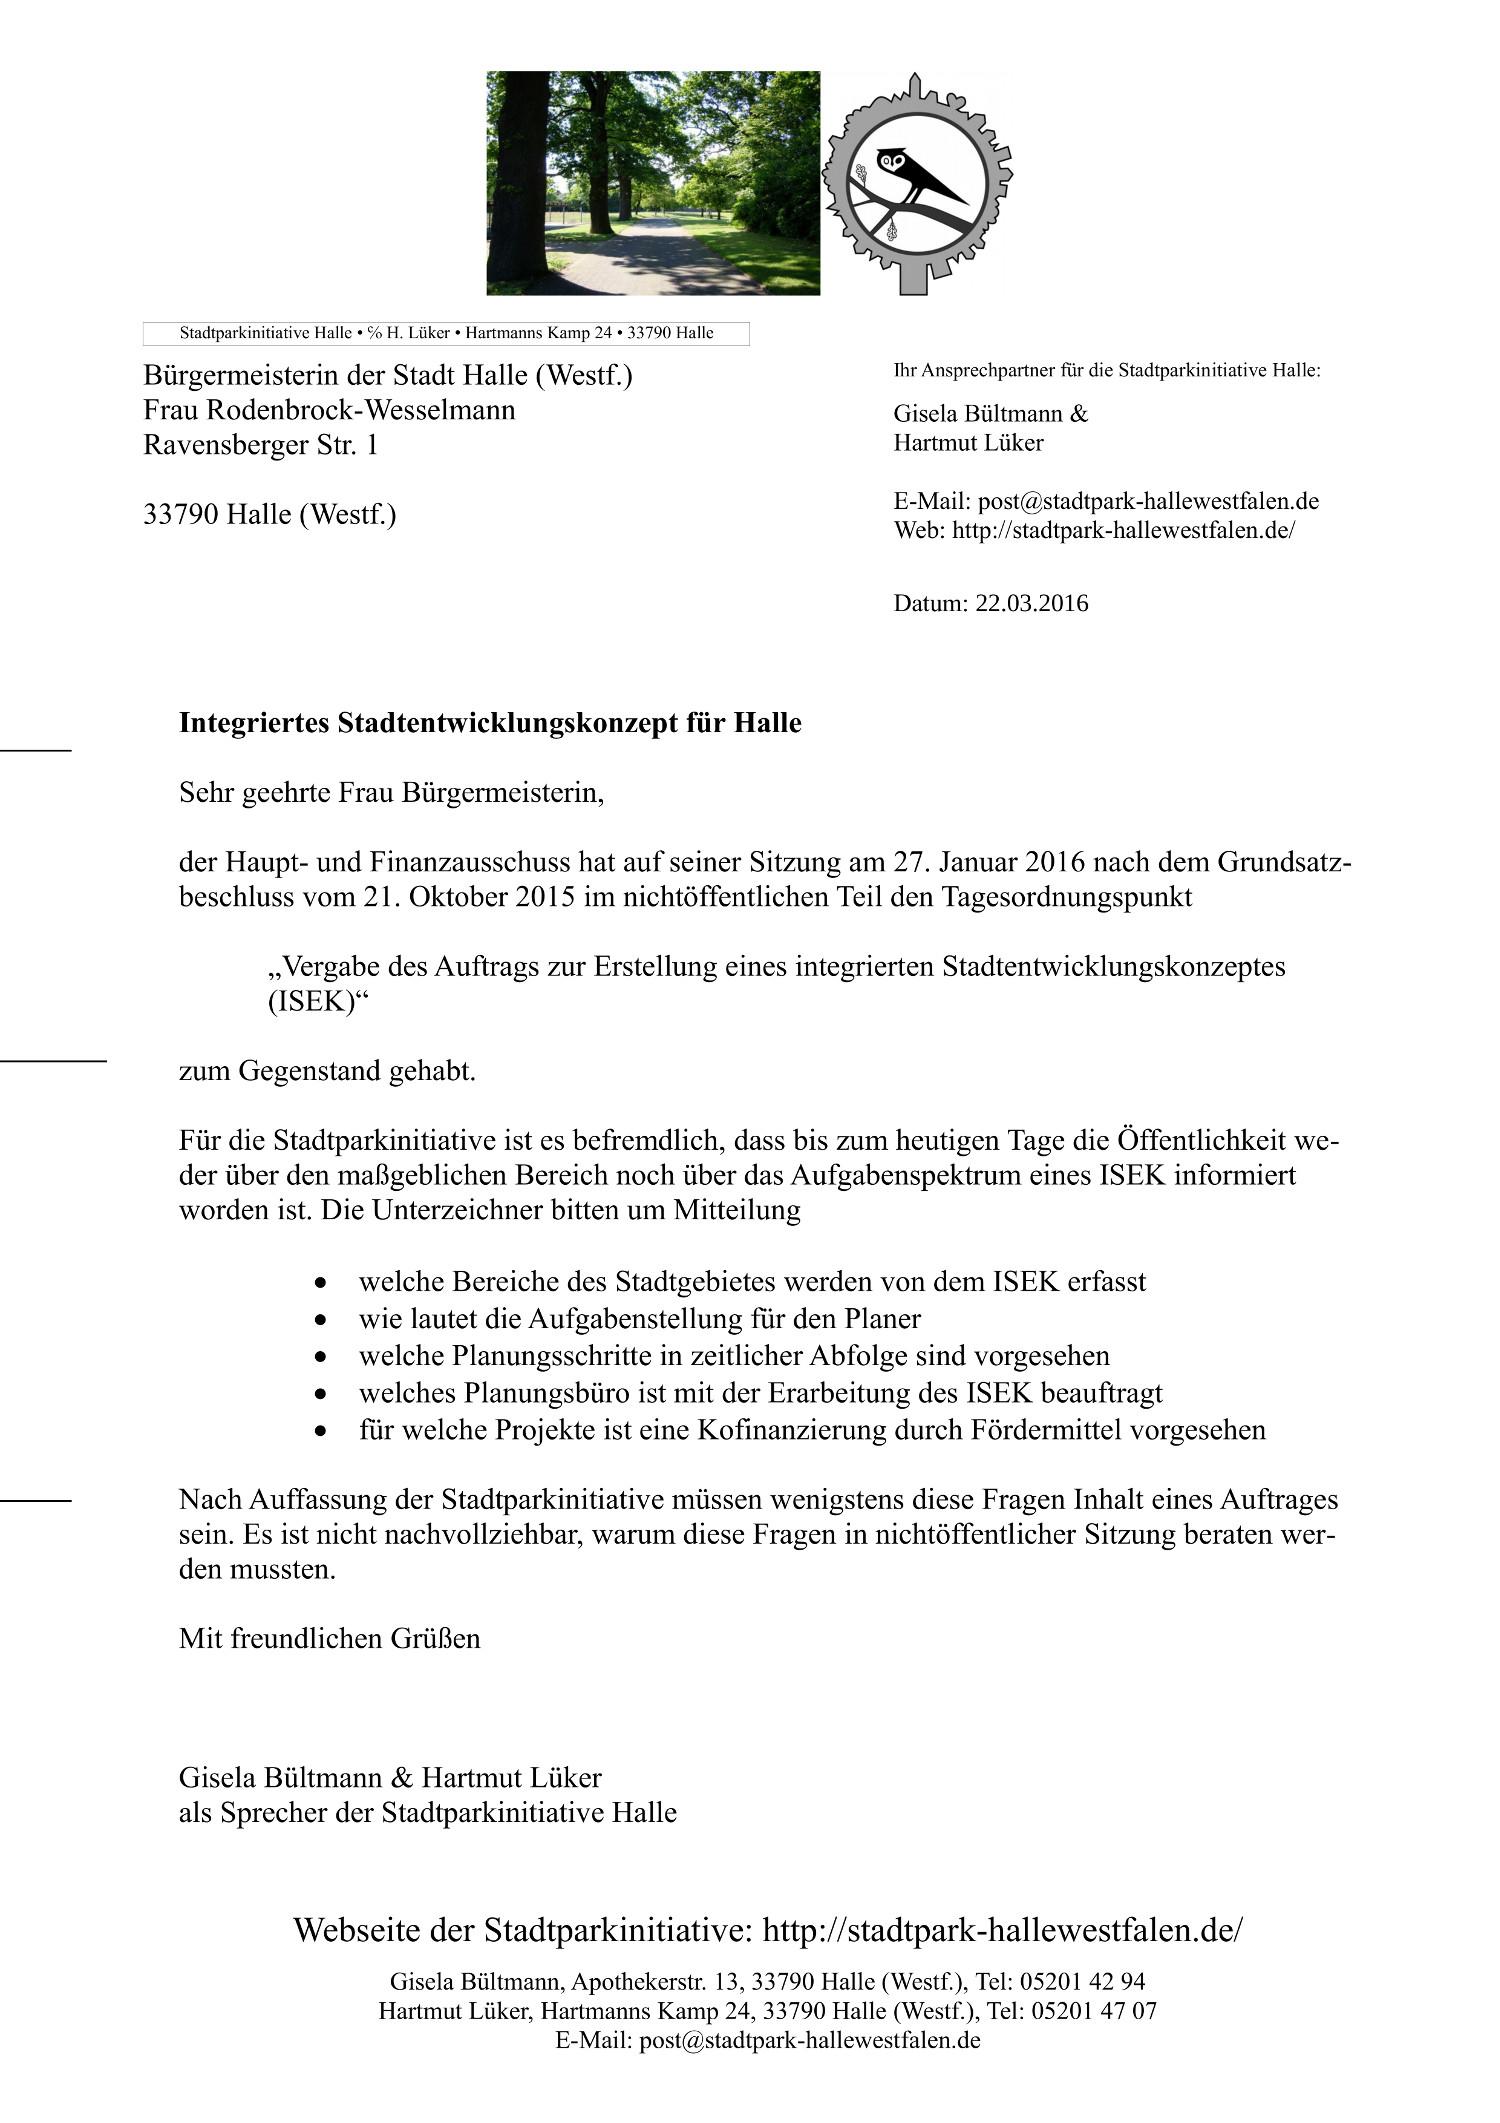 20160322 - Schreiben an die Bürgermeisterin zu ISEK - 1500x